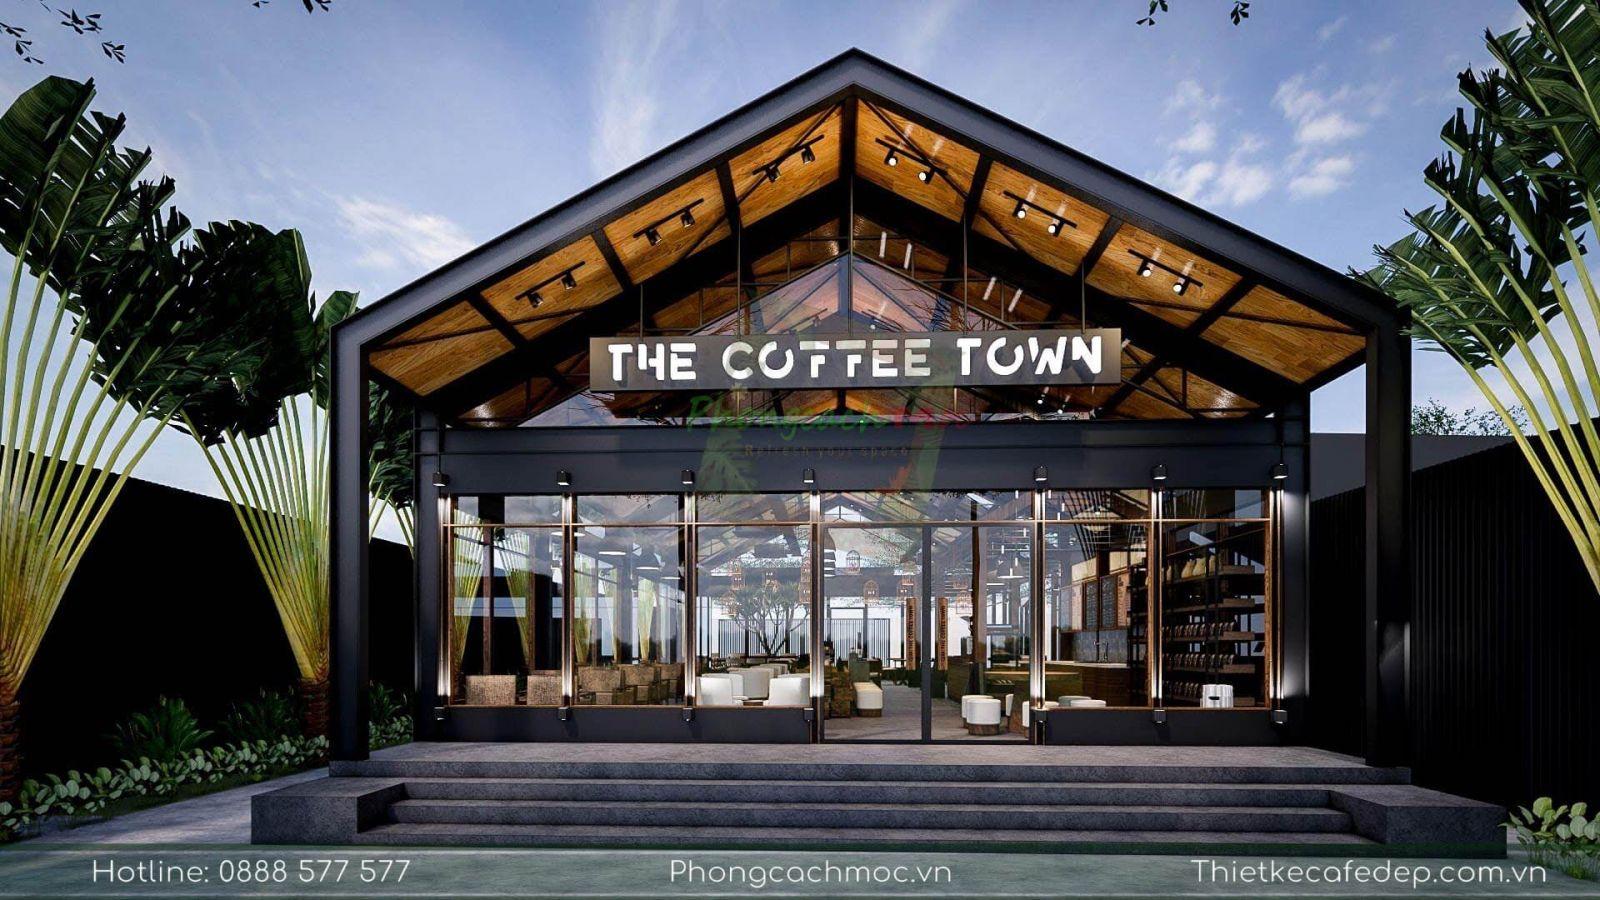 pcm thiết kế quán cafe diện tích 970m2 -the coffee town